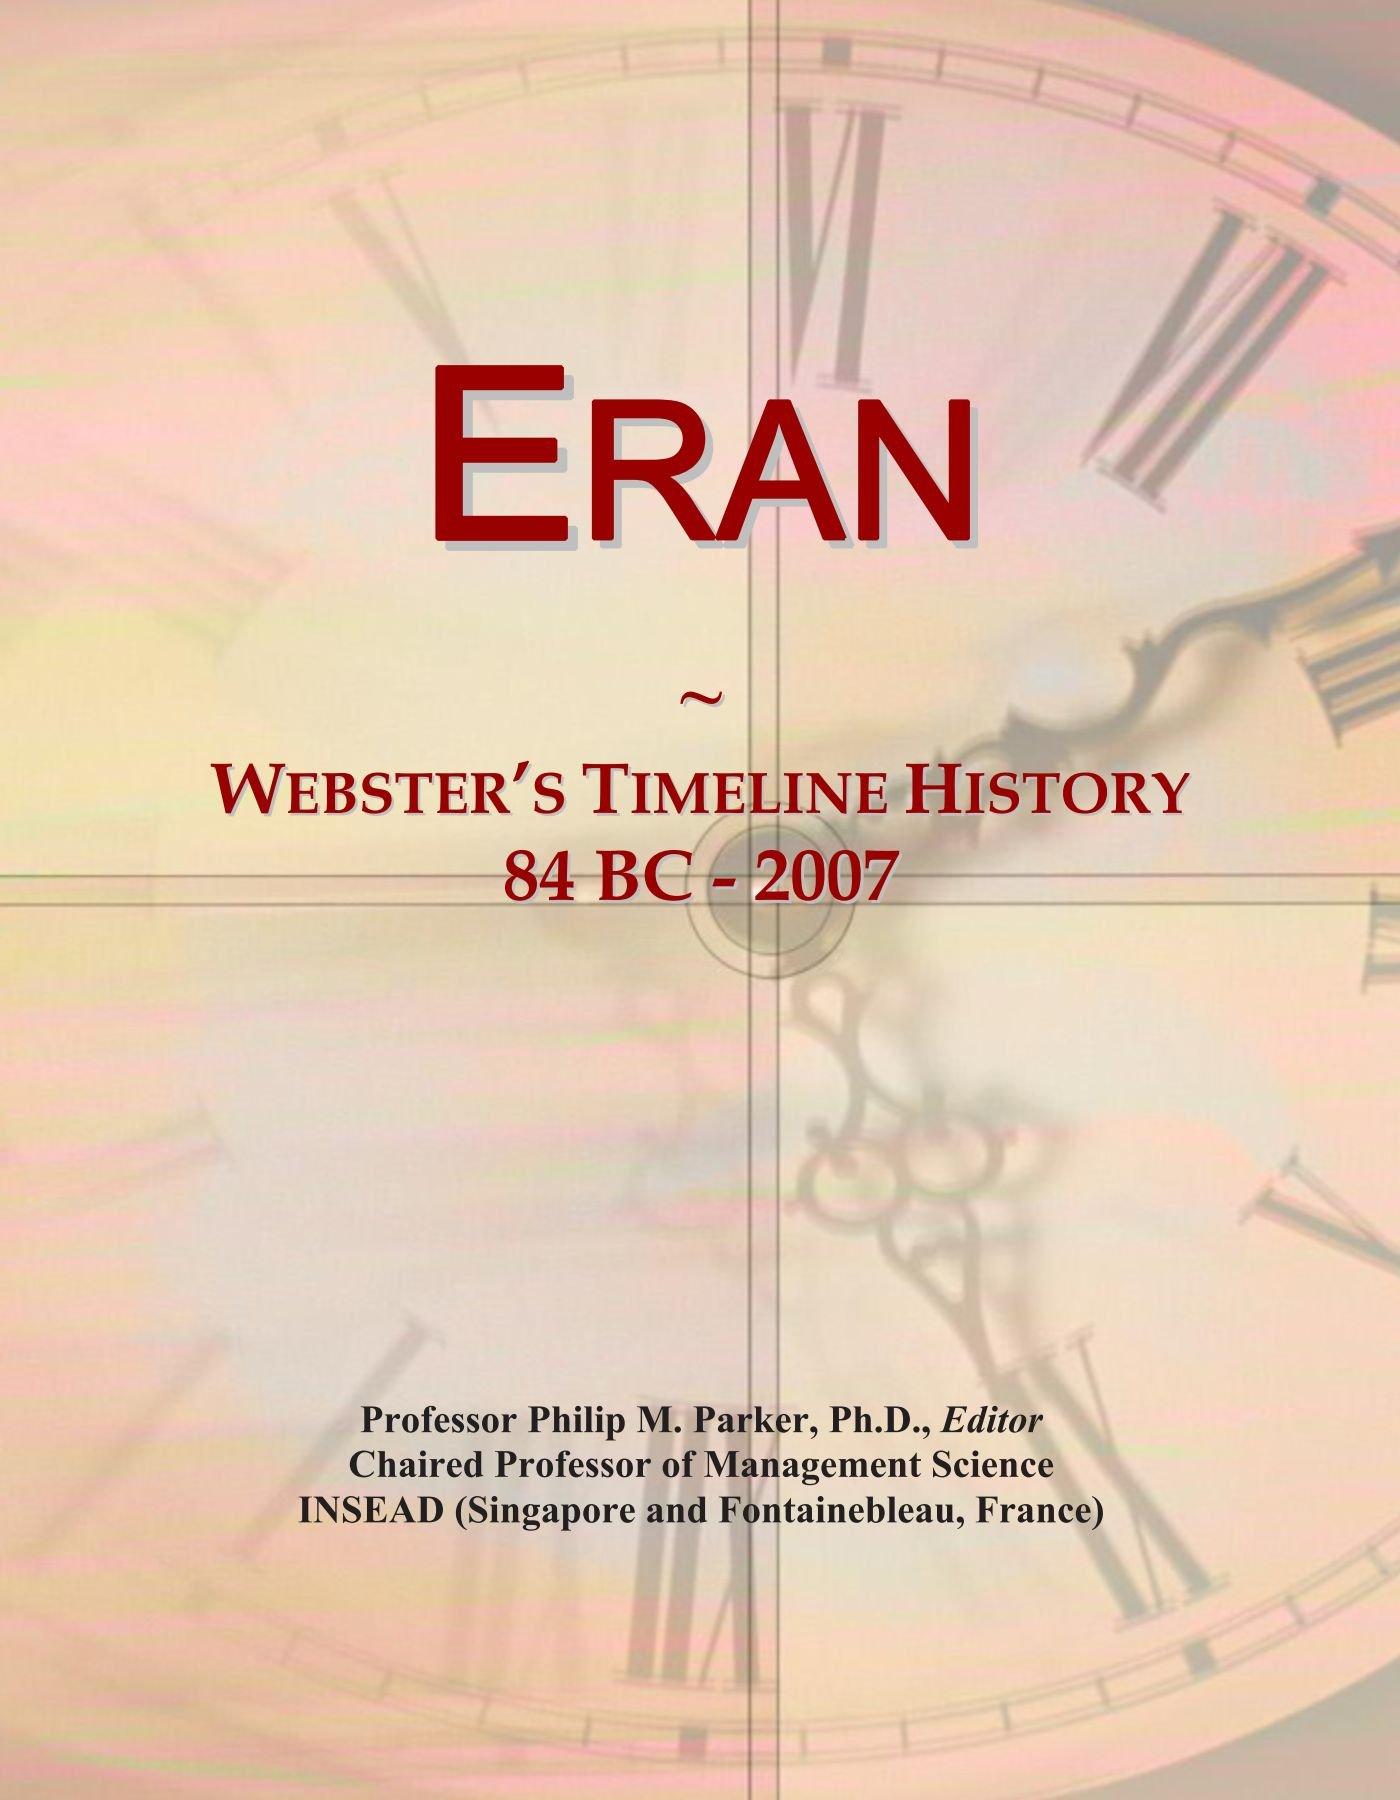 Eran: Webster's Timeline History, 84 BC - 2007 ebook